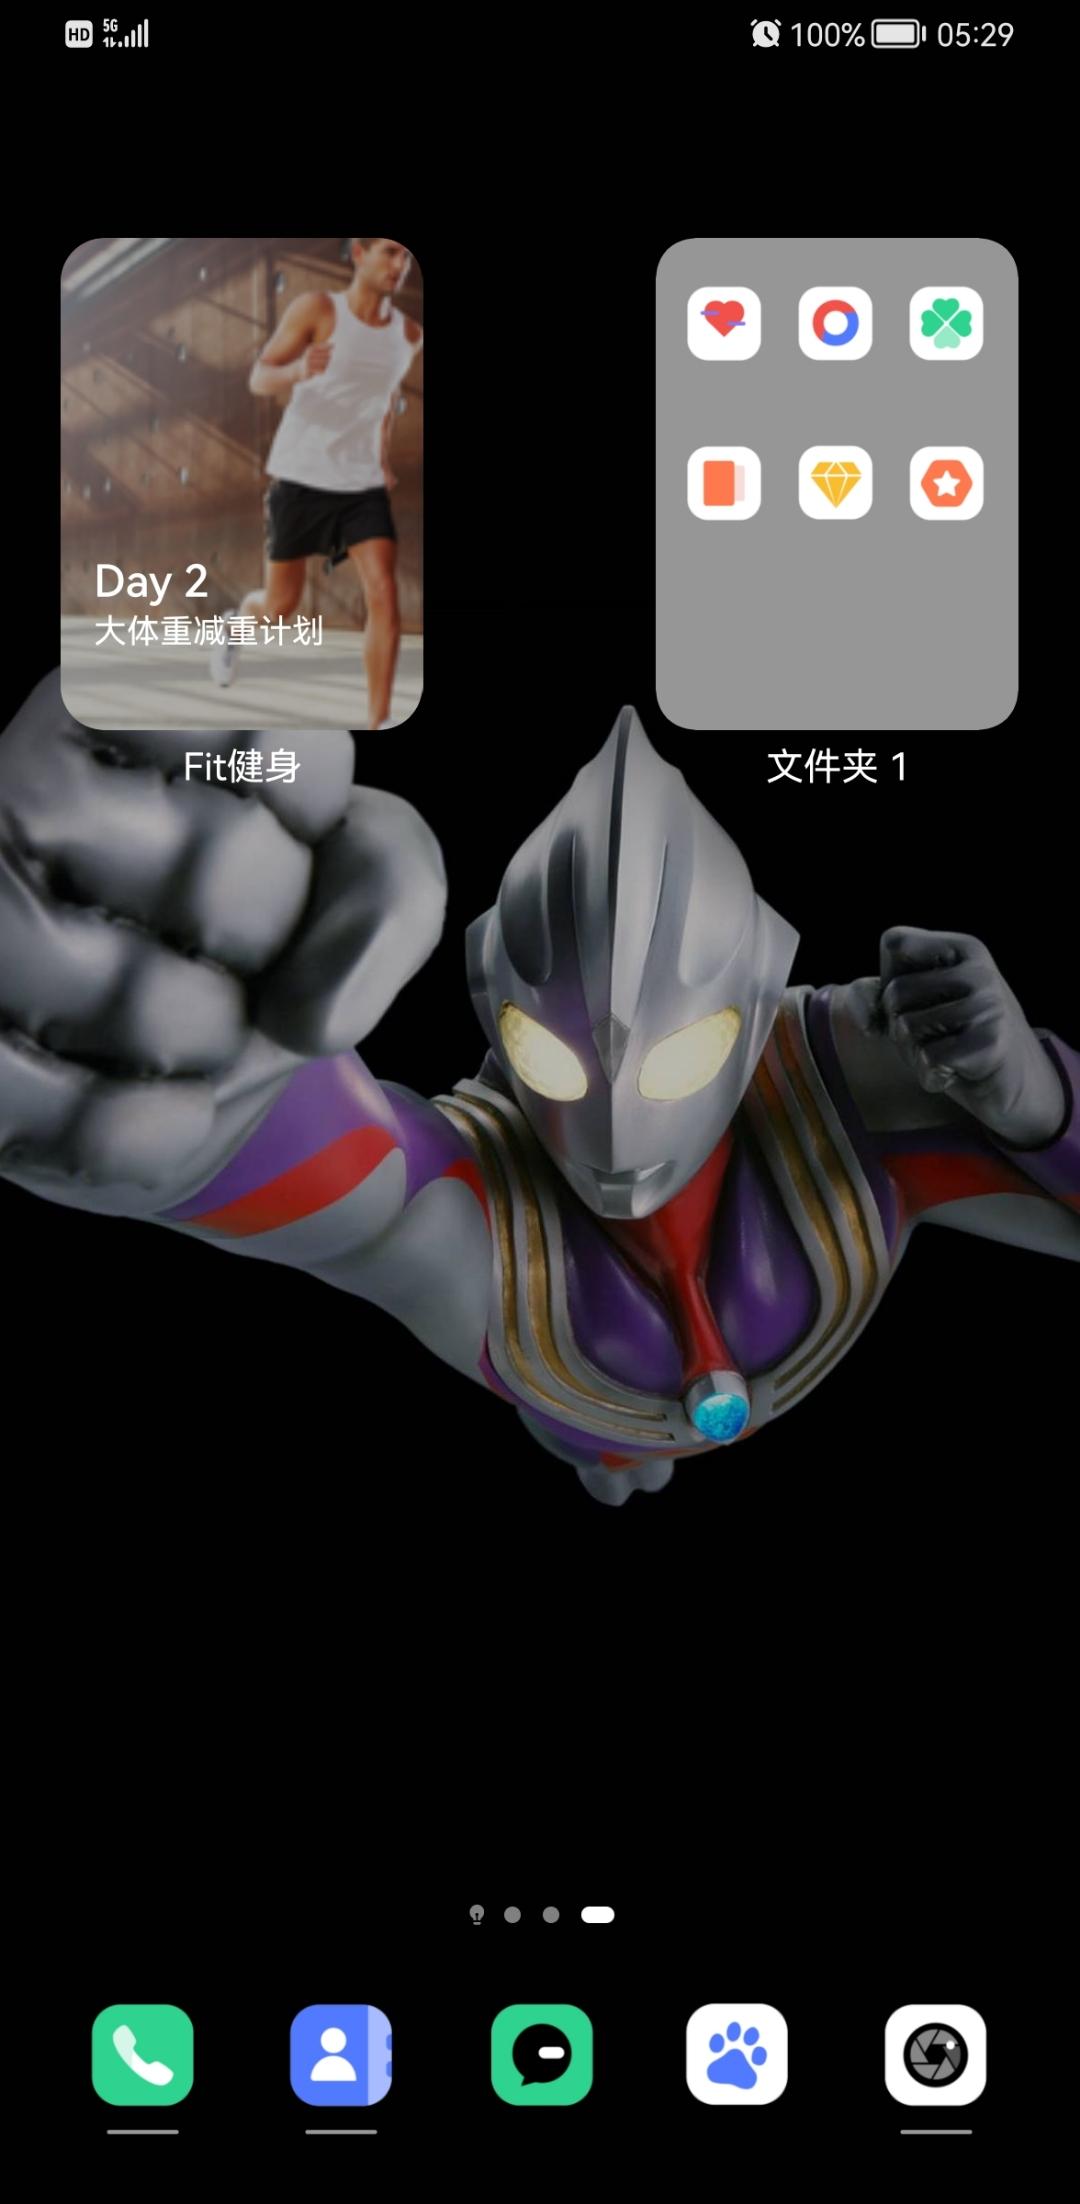 Screenshot_20210725_052943_com.huawei.android.launcher.jpg